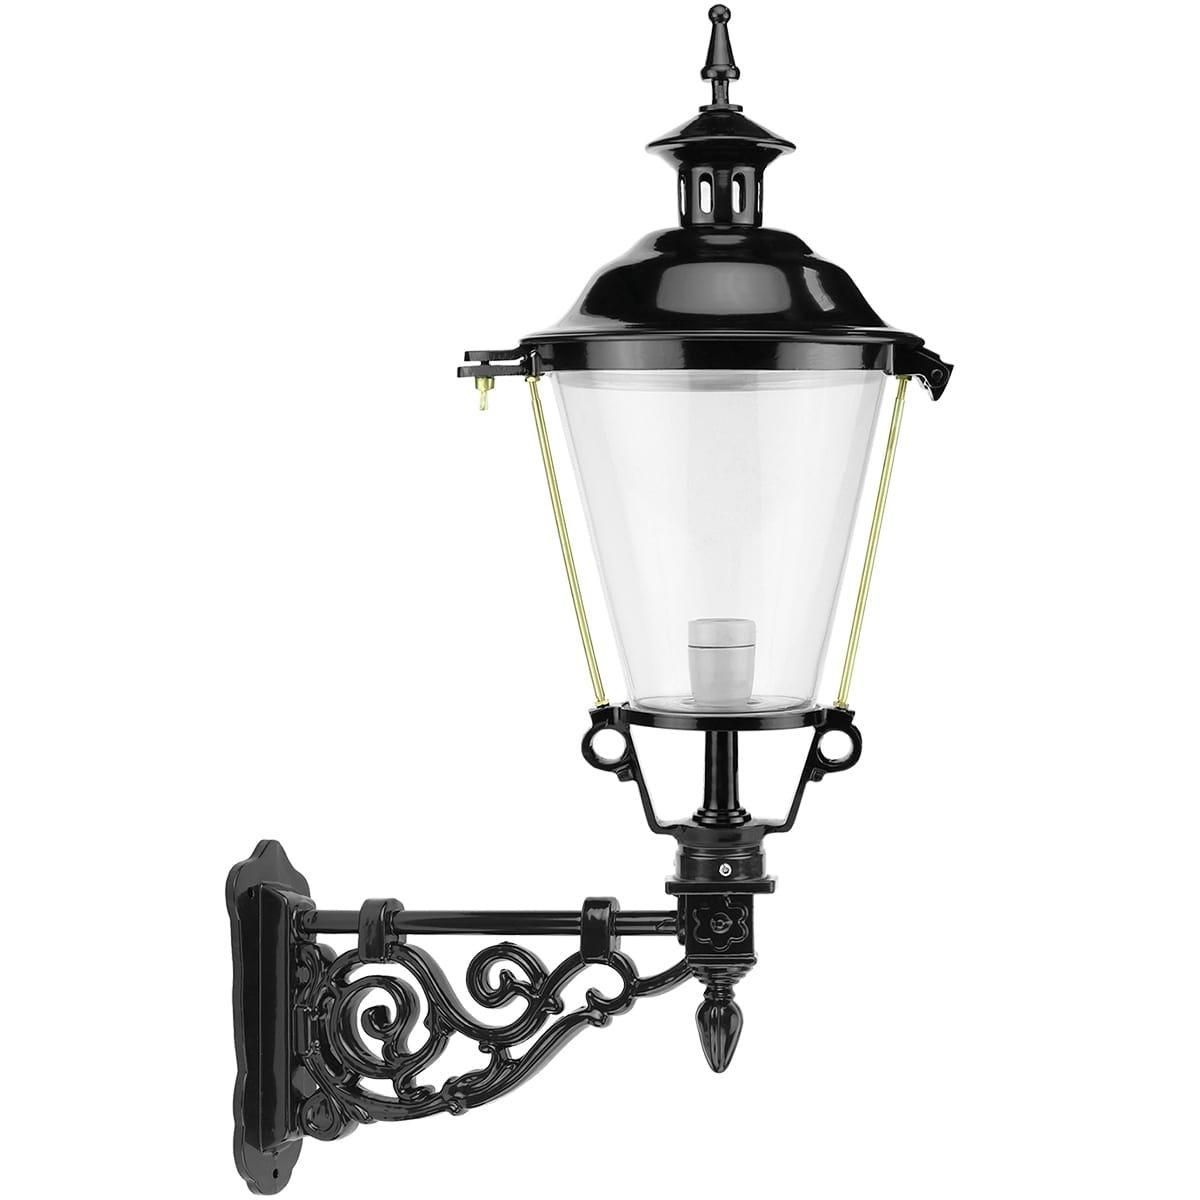 Außenbeleuchtung Klassisch Ländlich Fassaden lampe rund Haarlem - 85 cm